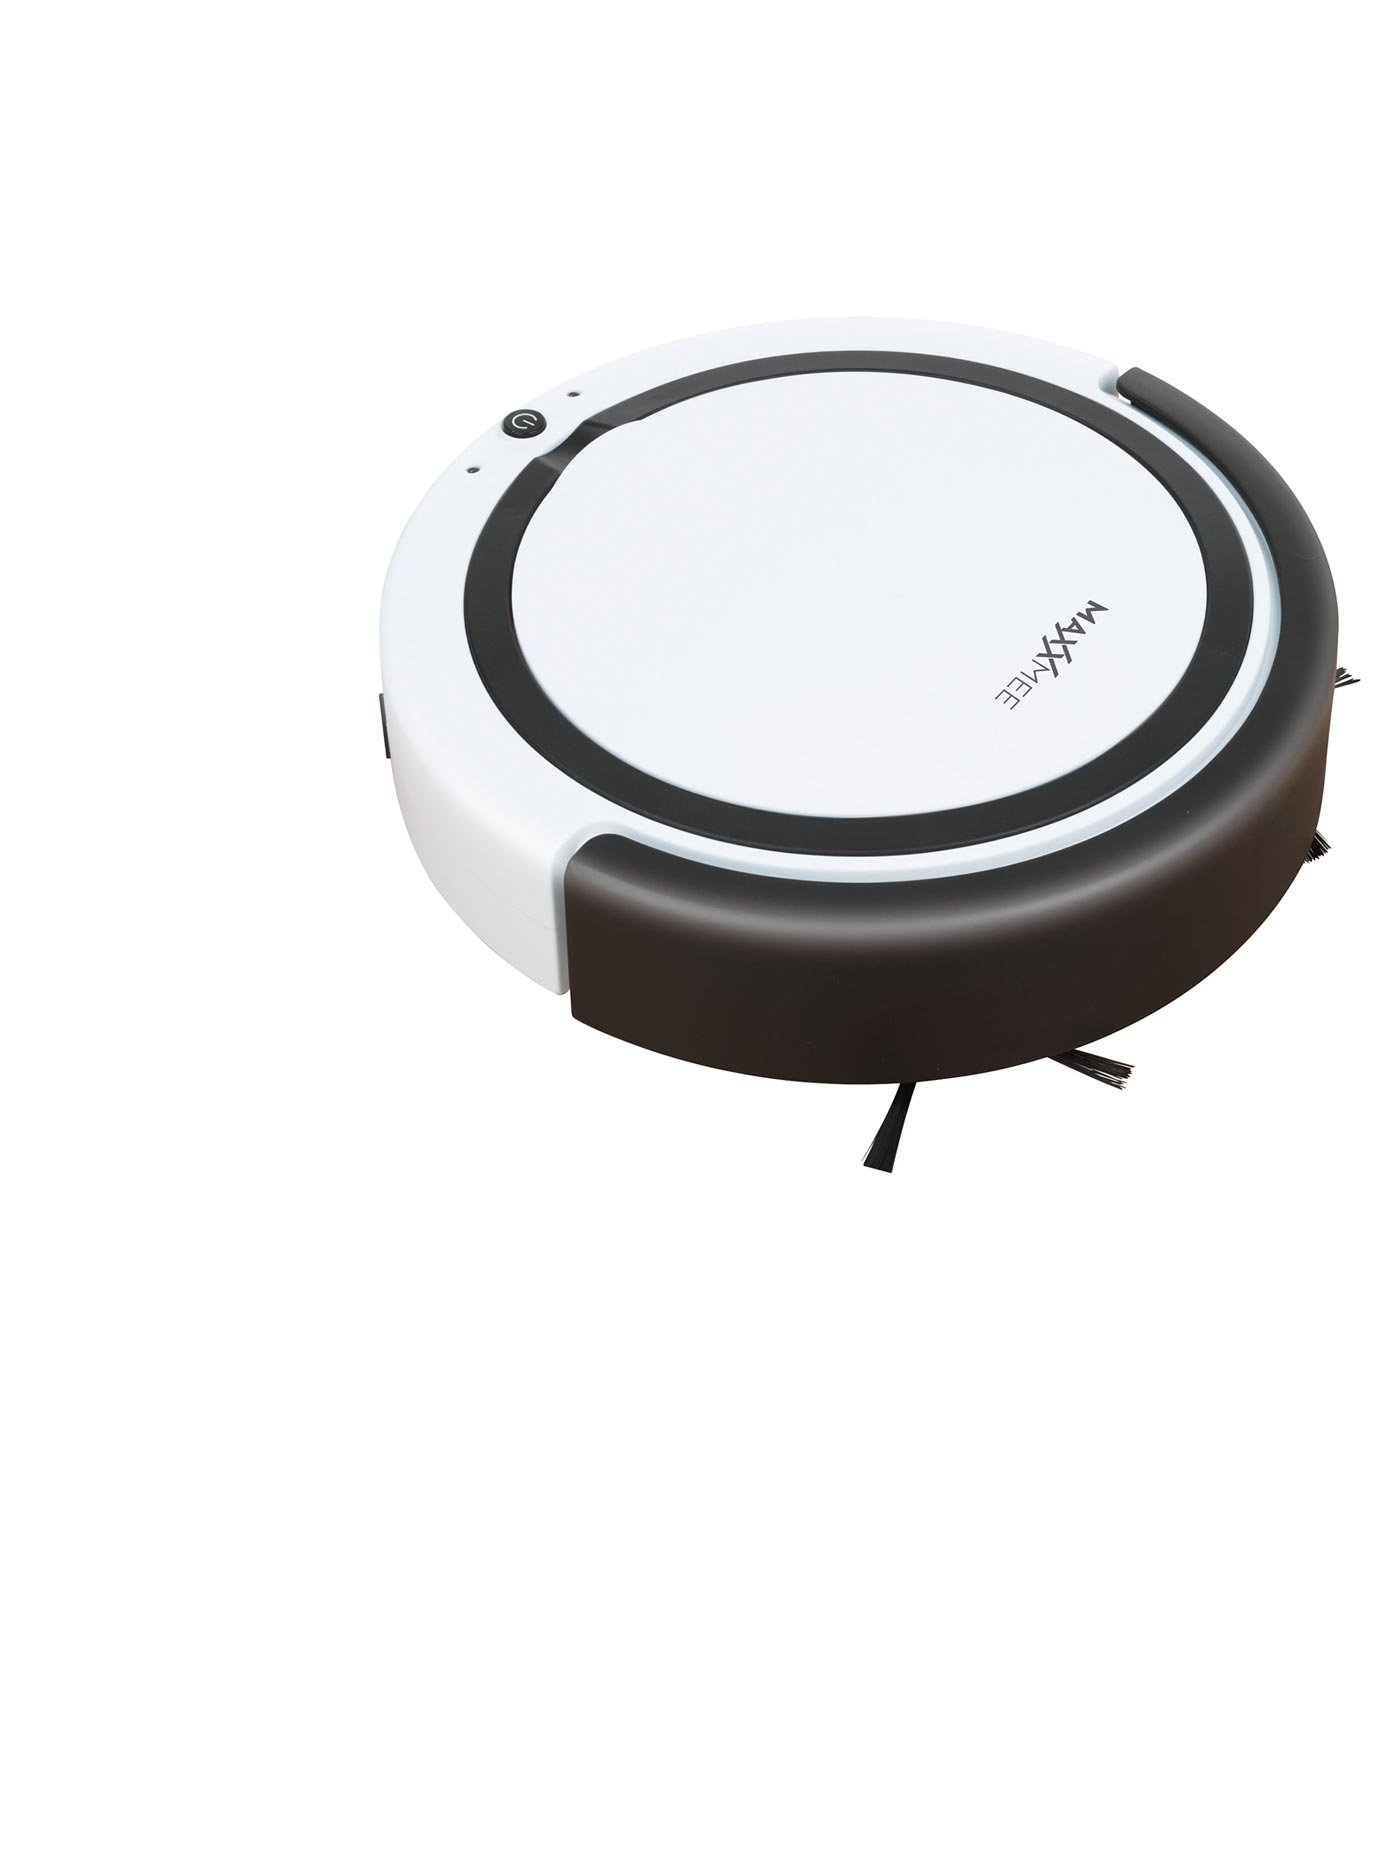 Robotstofzuiger met geïntegreerde wash-functie goedkoop op otto.nl kopen